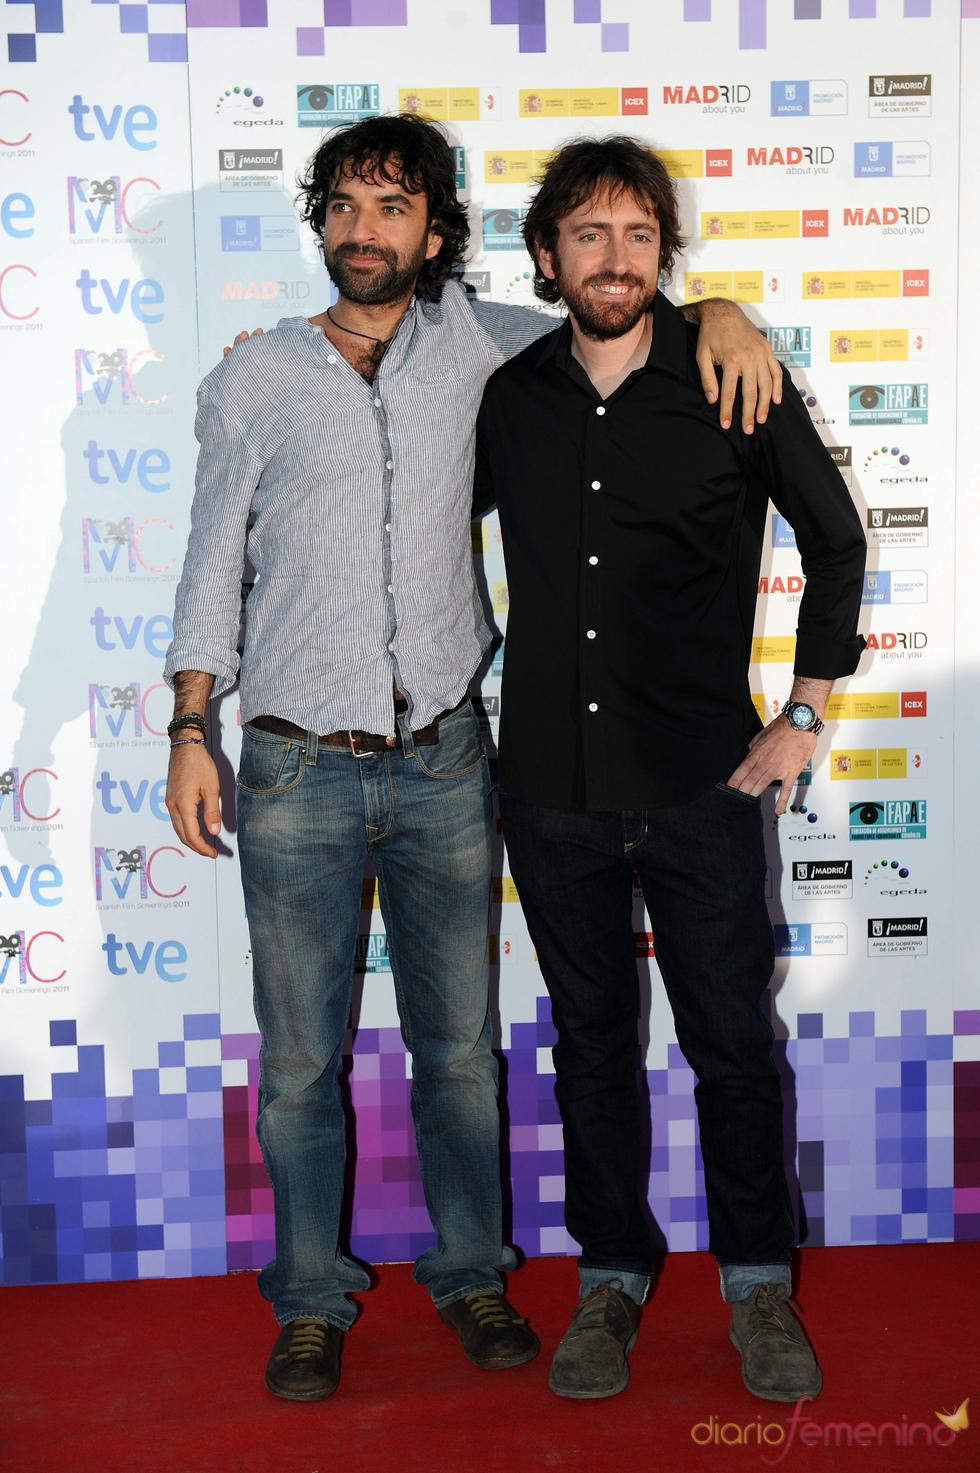 Daniel Sánchez Arévalo y Mateo Gil en la Fiesta del Cine español